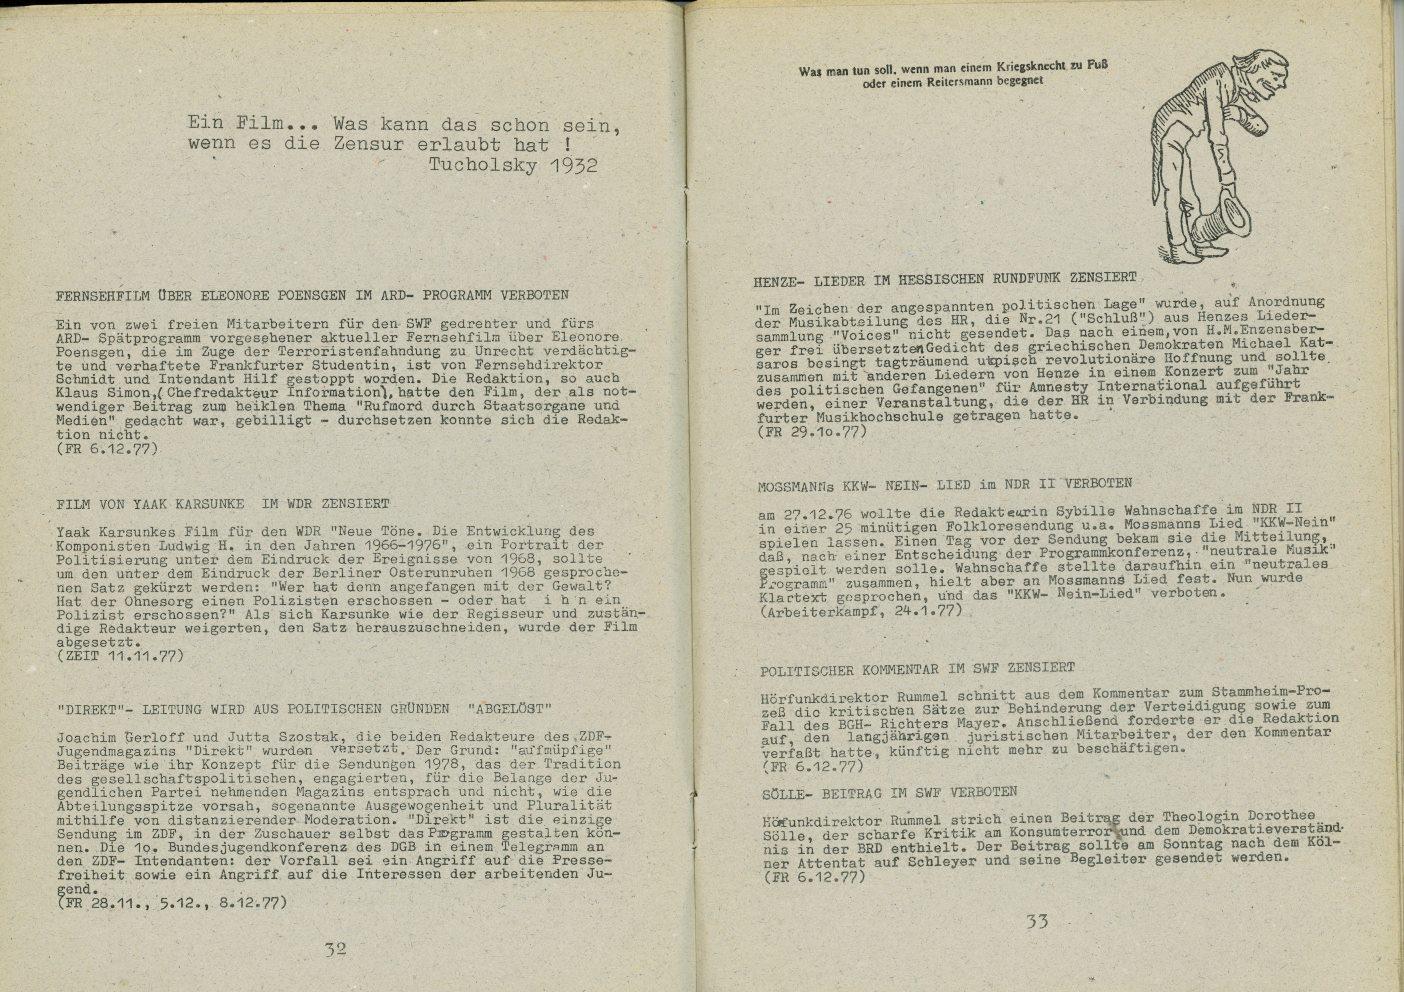 Stuttgart_AGRT_Menschenrechtsverletzungen_Leseheft_1978_18